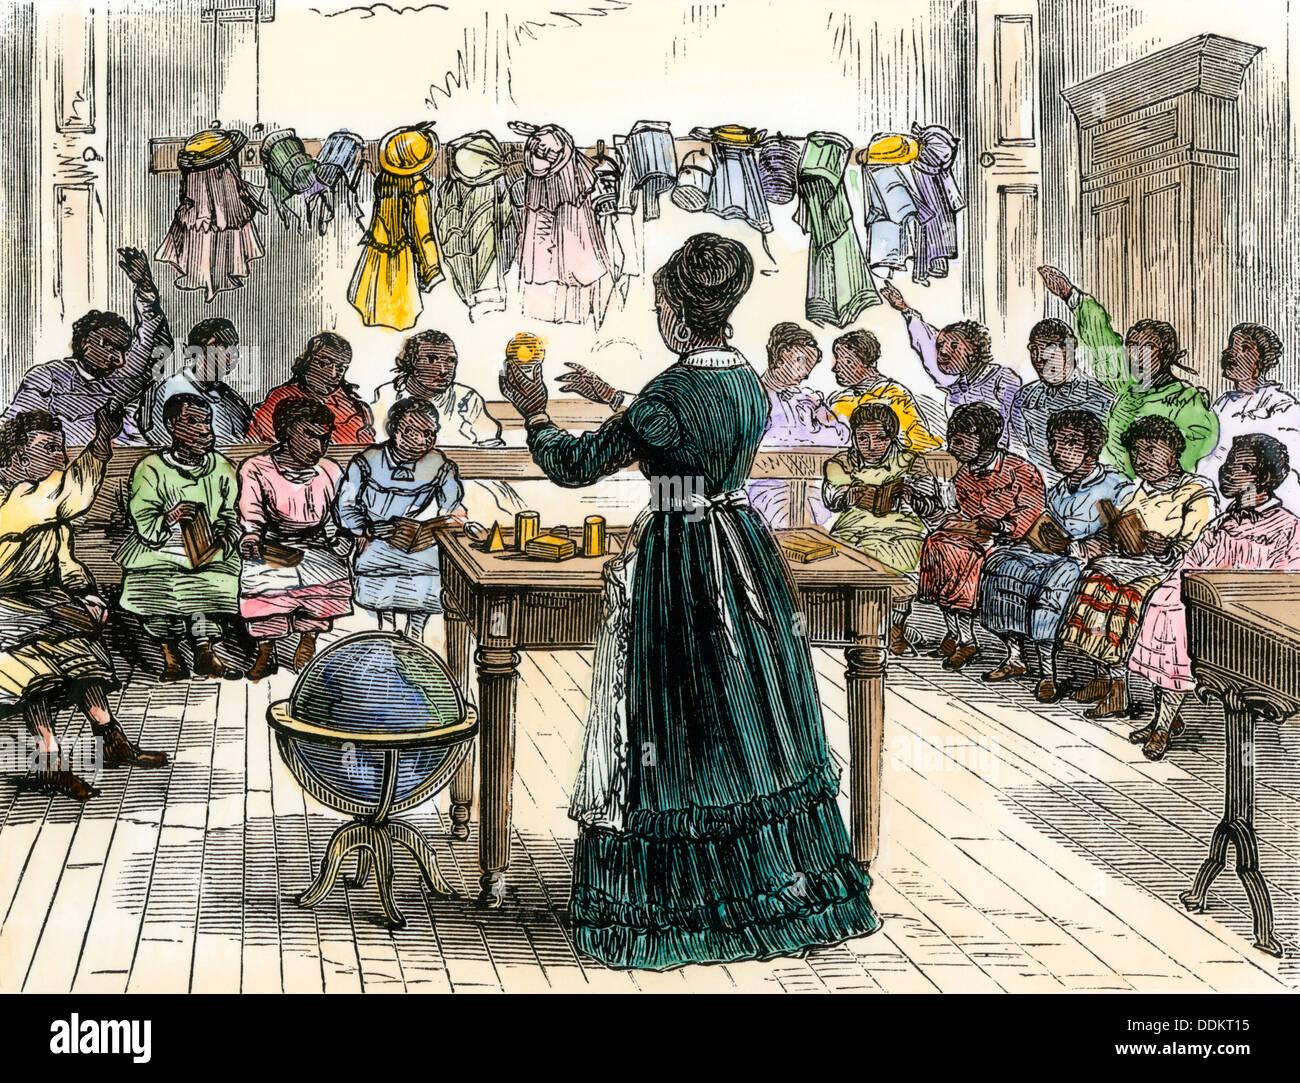 Lehre Objekte zu den Kindern in einer 'bunten Schule', New York City, 1870. Hand - farbige Holzschnitt Stockbild